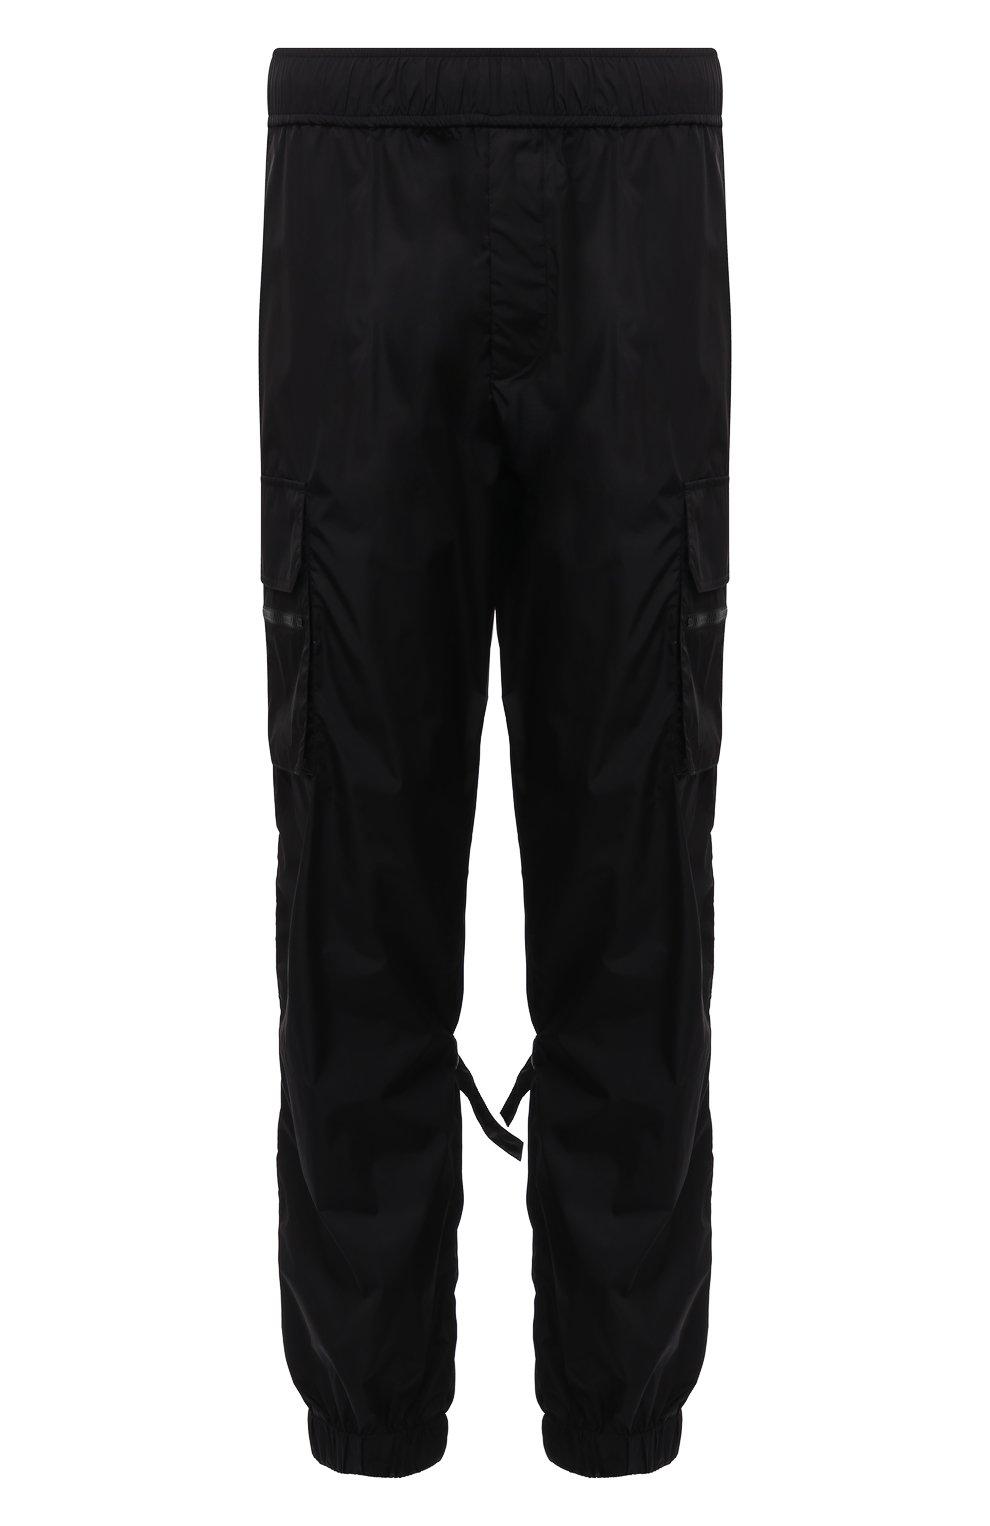 Мужские джоггеры VALENTINO черного цвета, арт. WV3REB216FN | Фото 1 (Длина (брюки, джинсы): Стандартные; Материал внешний: Синтетический материал; Стили: Гранж; Силуэт М (брюки): Джоггеры)